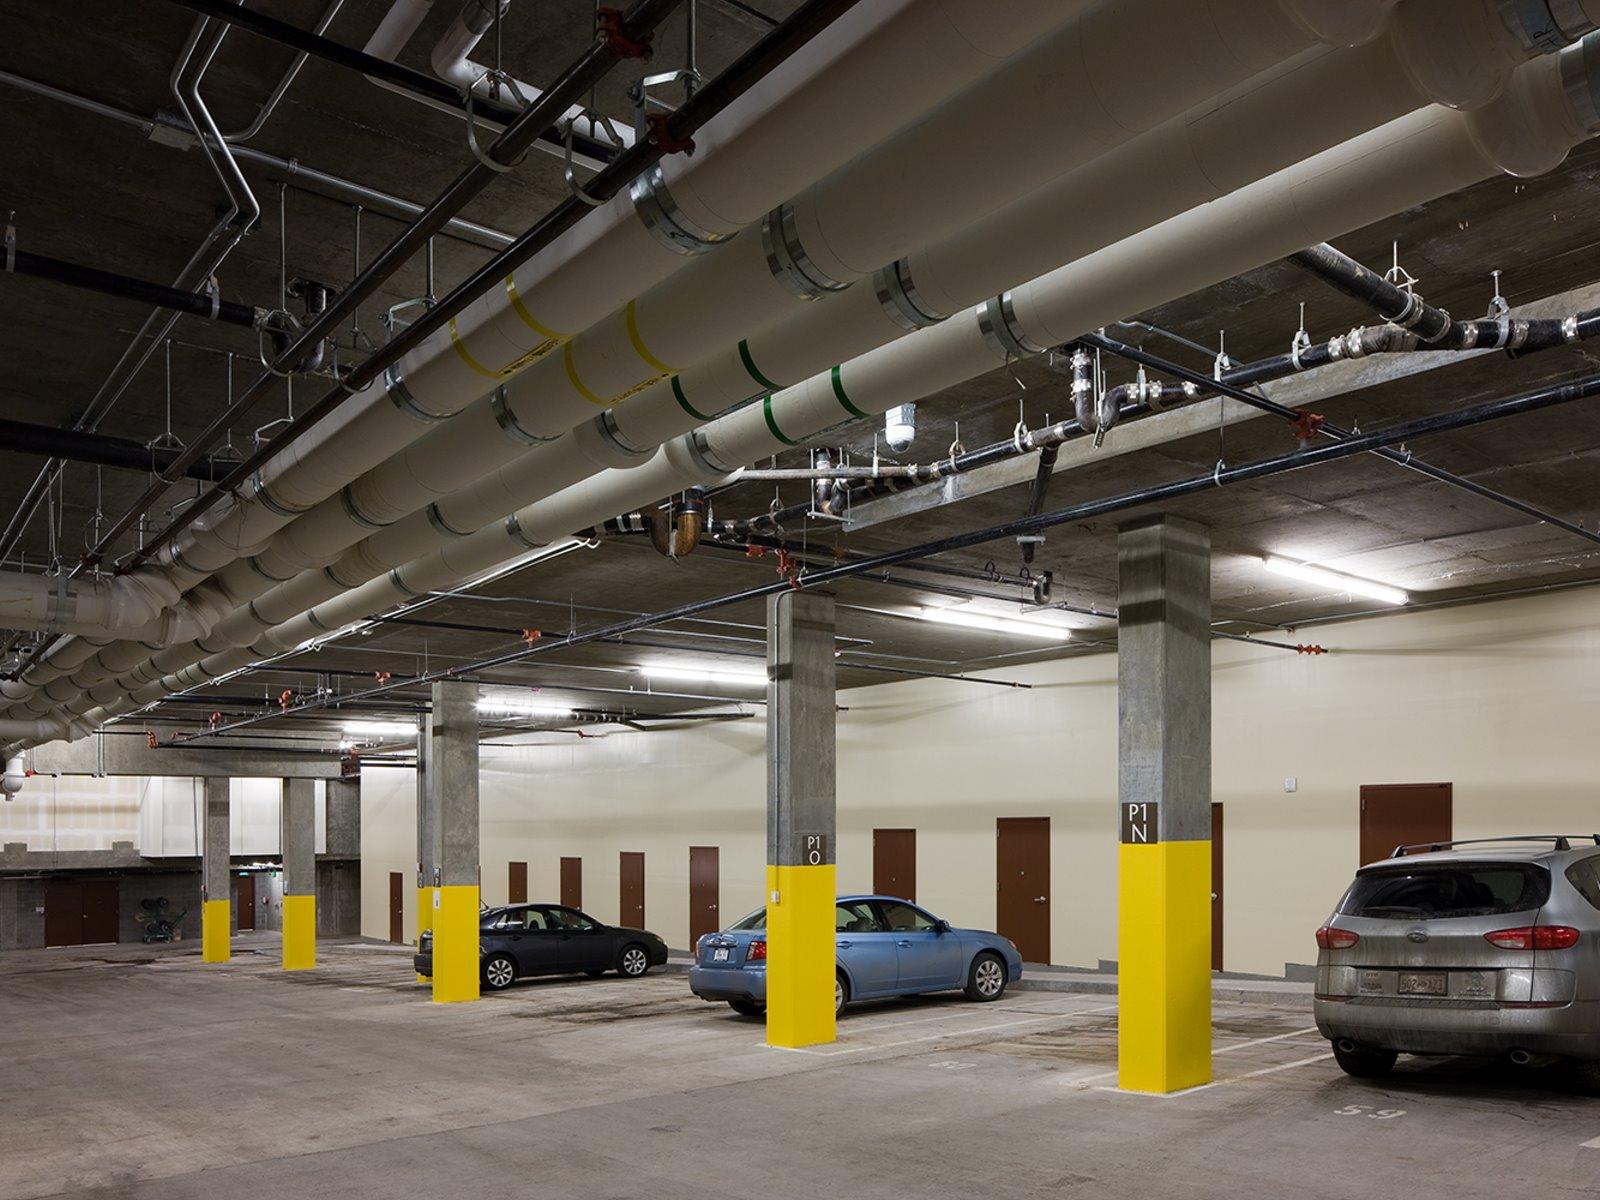 Four Seasons Vail Parking Garage (2)web.jpg